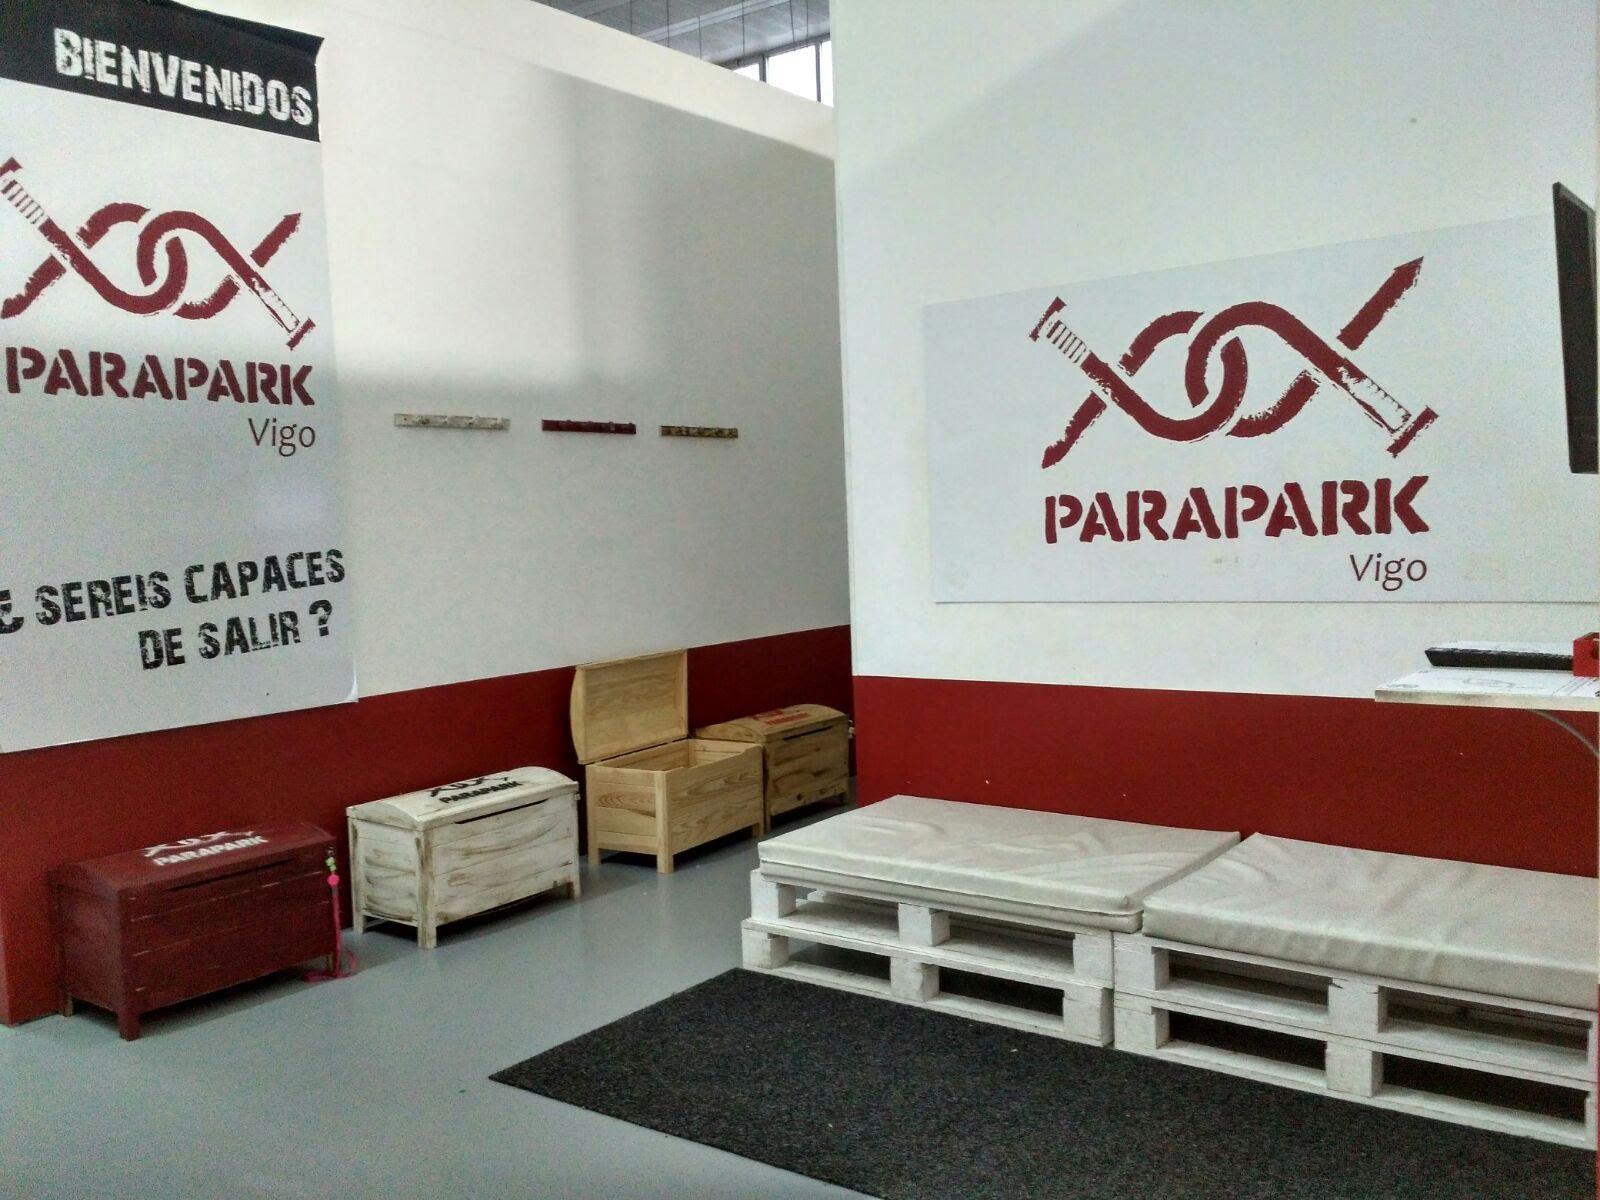 ParaPark Vigo, una experiencia que vale la pena